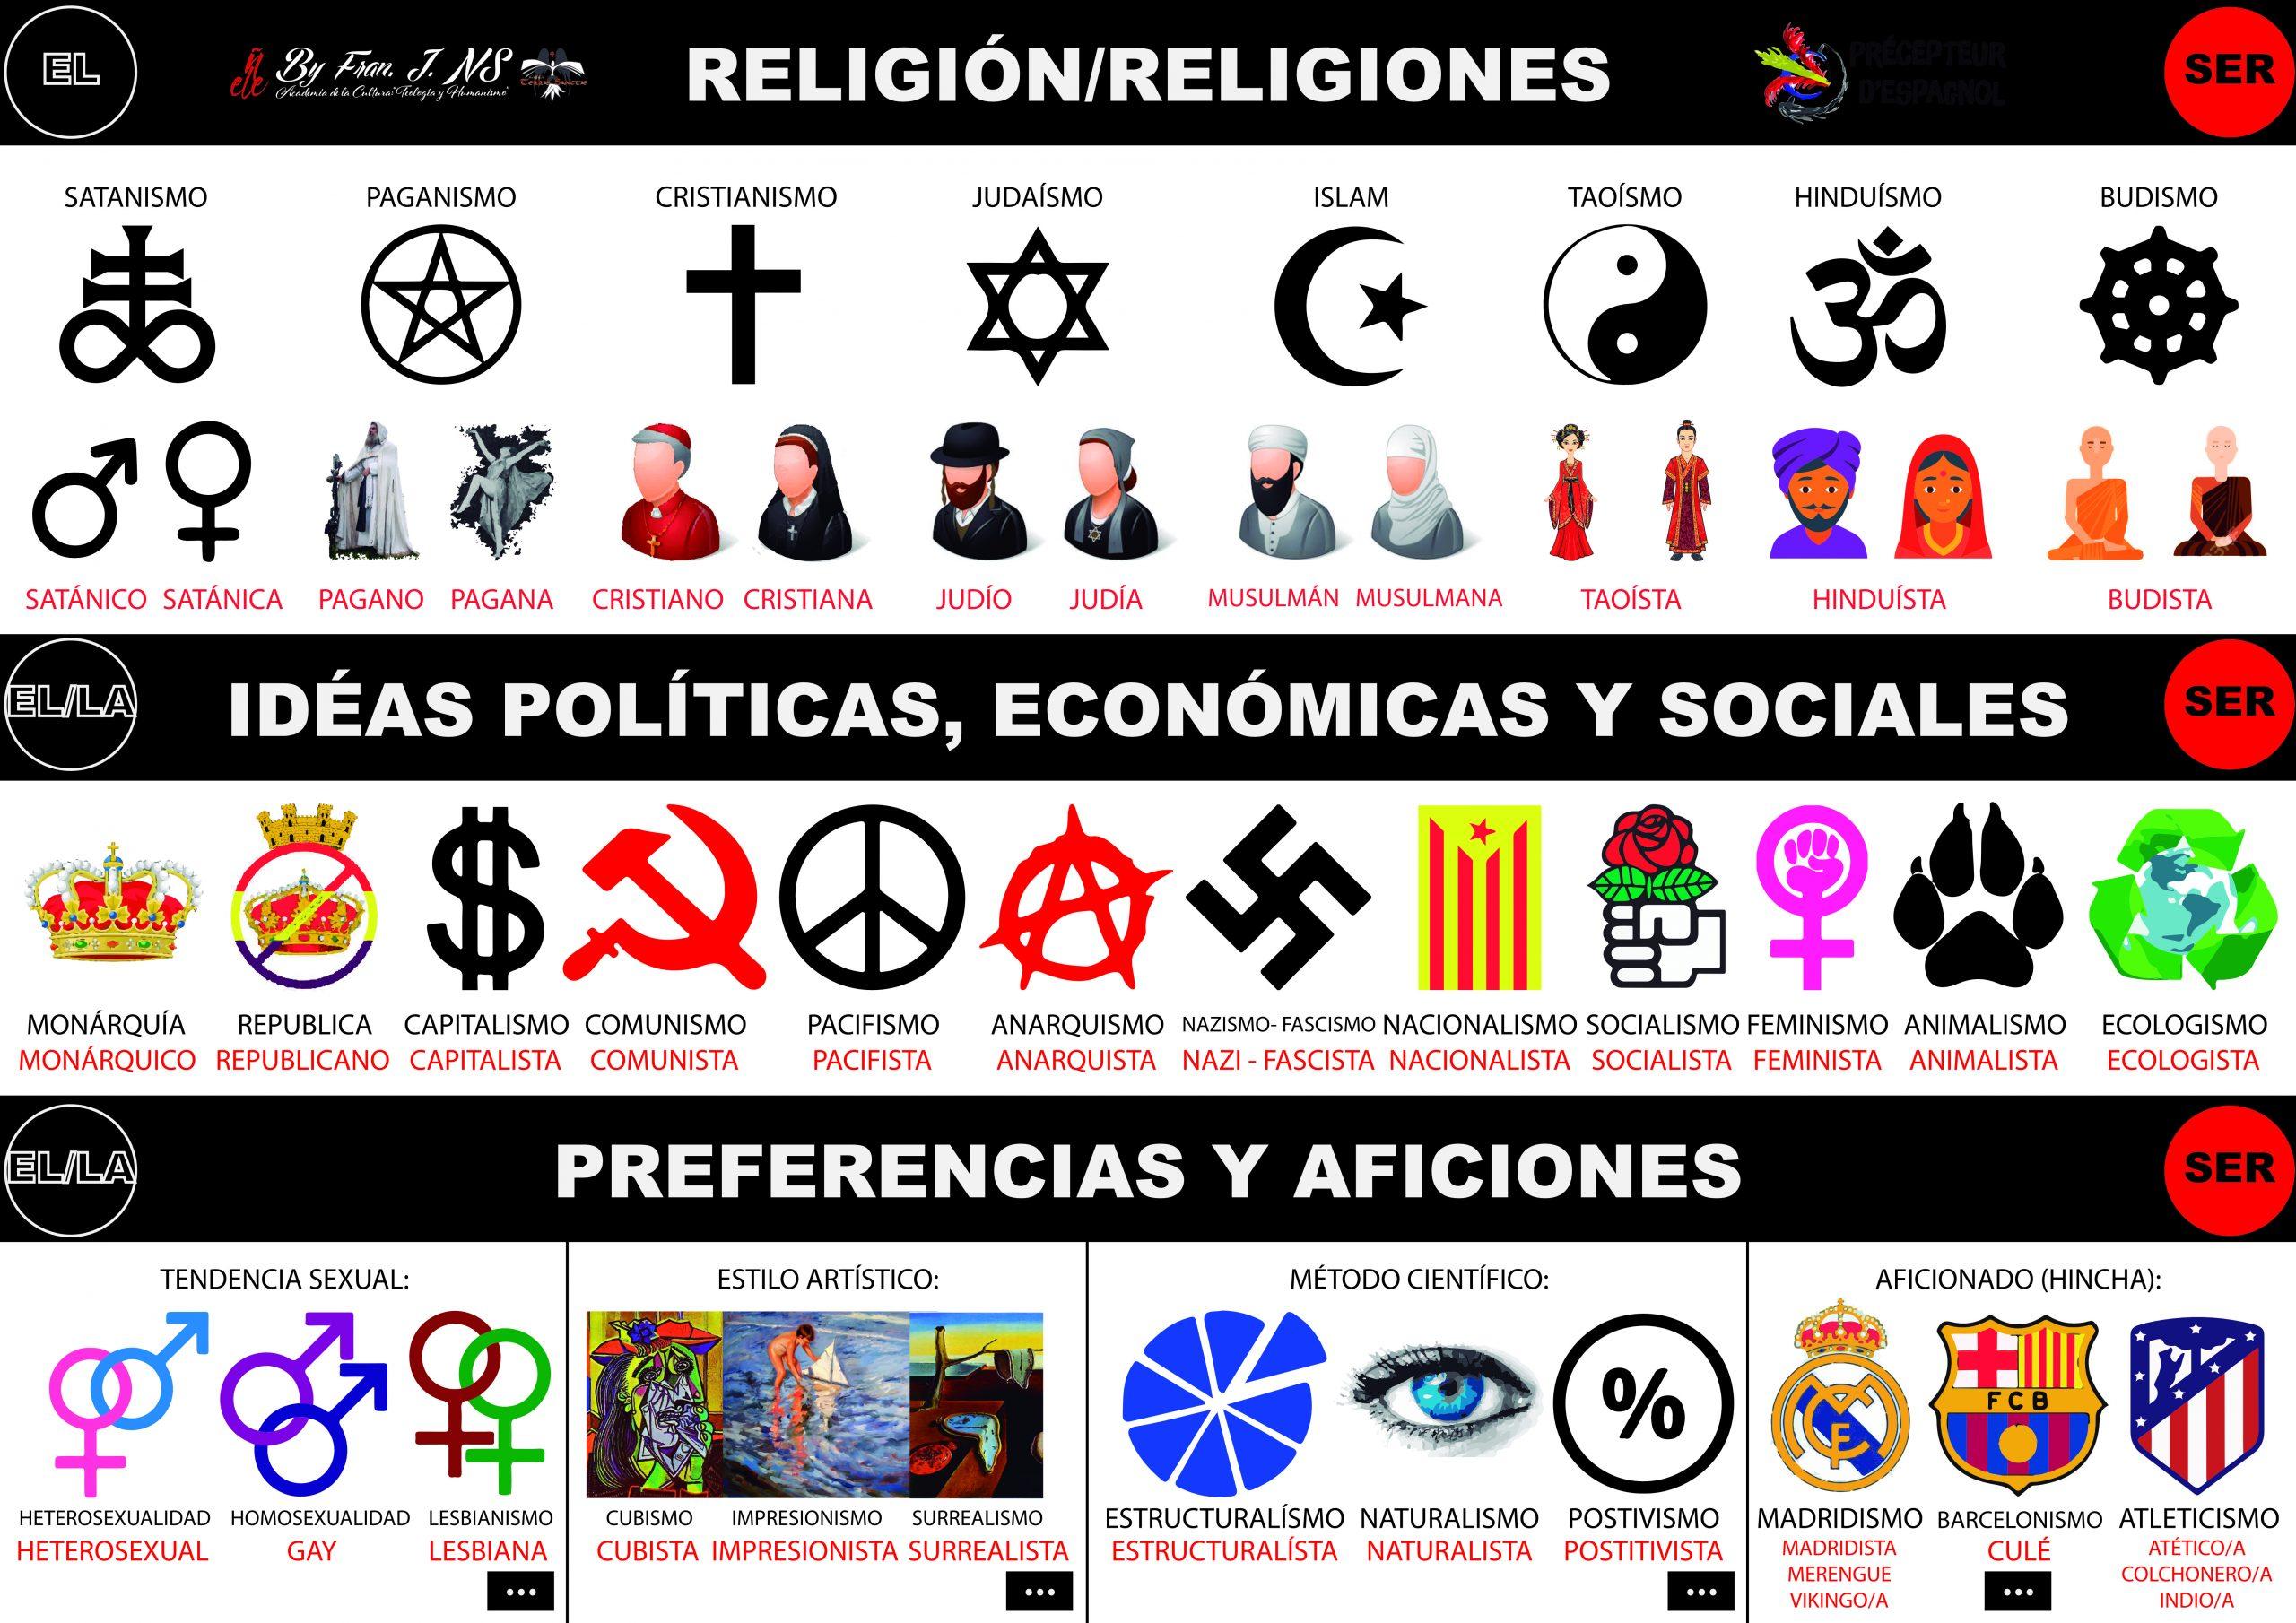 Infografía ELE A4: Religiones, Ideas Filosóficas, Políticas, Económicas y Sociales, Preferencias y Aficiones